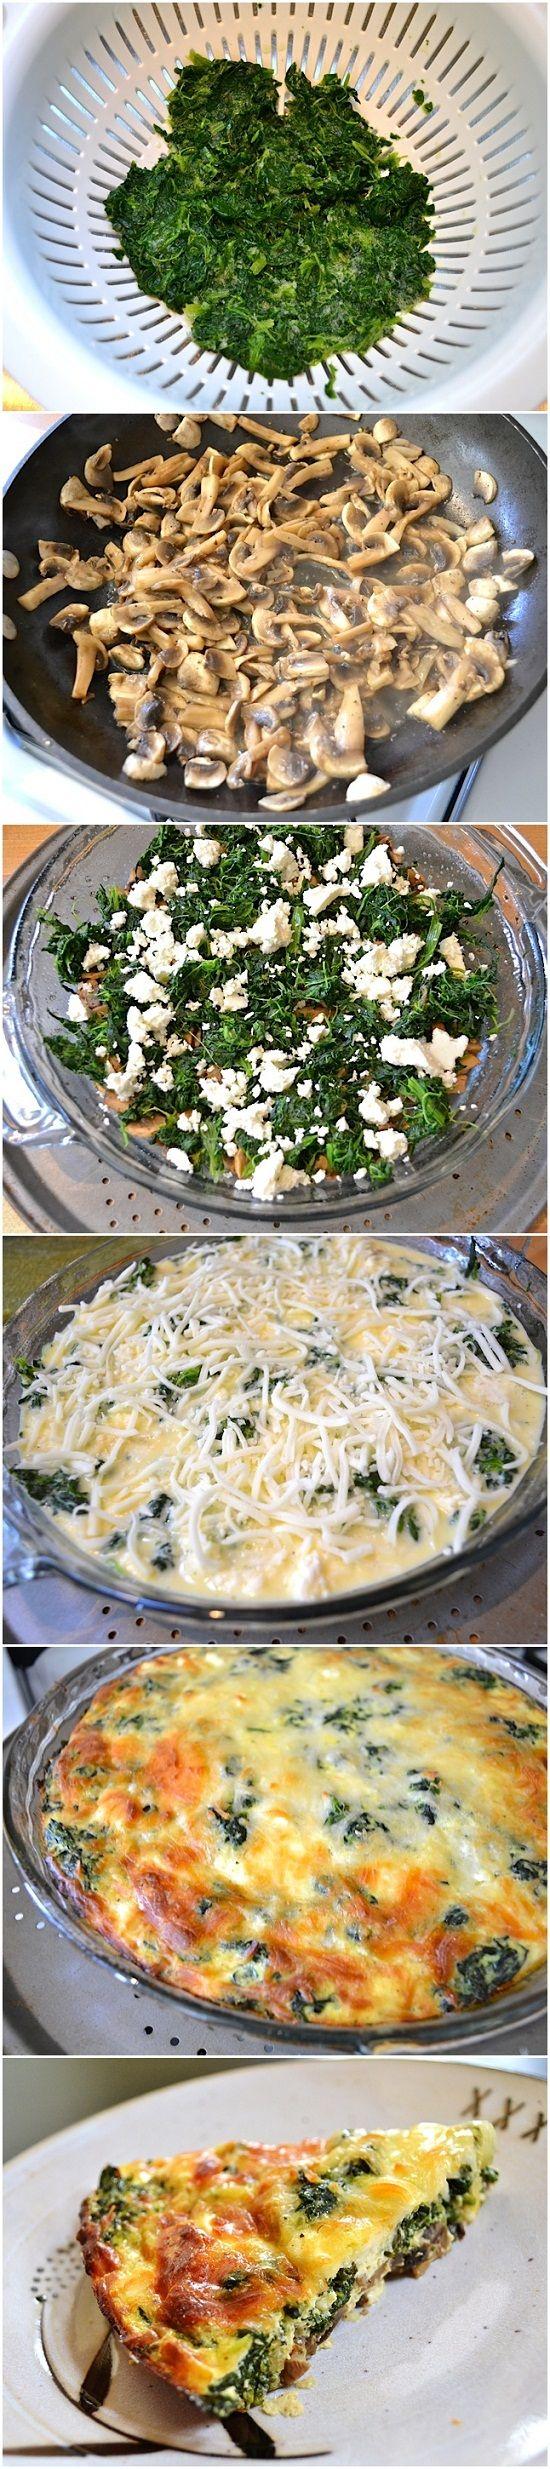 Spinach, Mushroom & Feta Crustless Quiche Replace mozzarella with ...